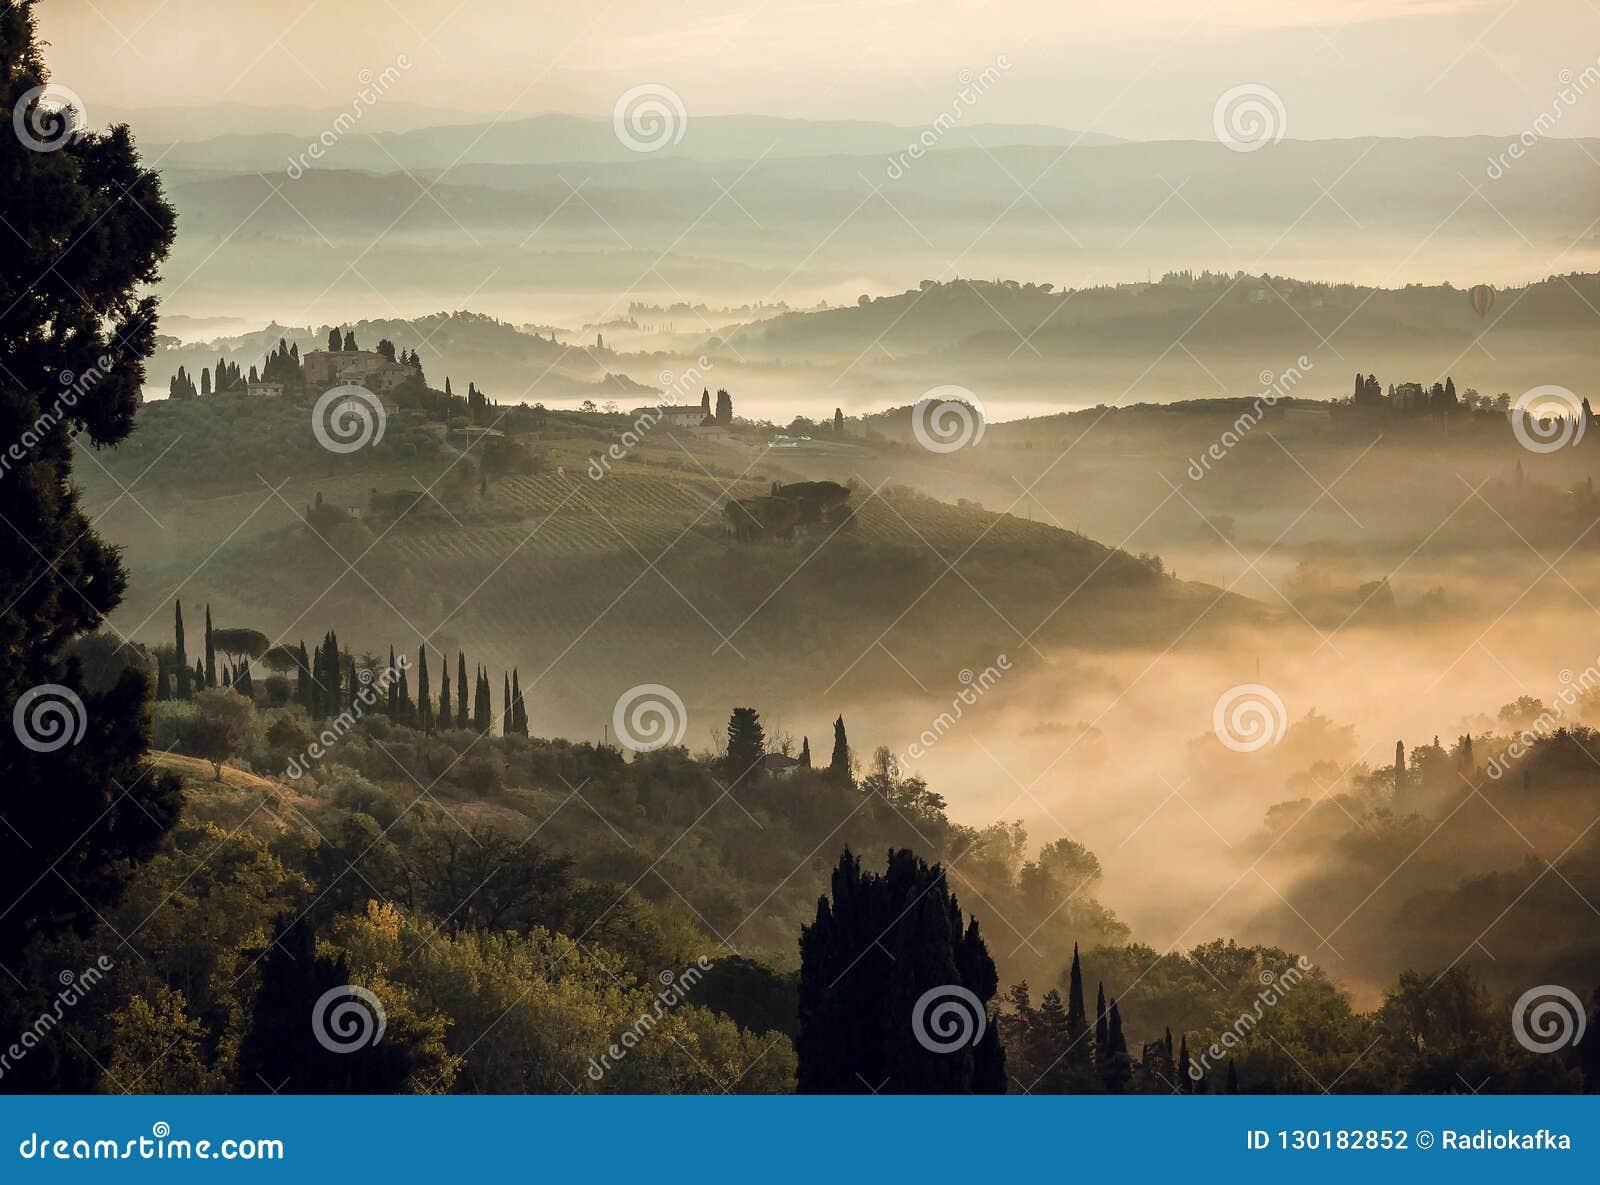 Wiejski krajobraz przy mglistym wschód słońca Wzgórza Tuscany z ogrodowymi drzewami, wille, zieleni wzgórza, wieś, Włochy